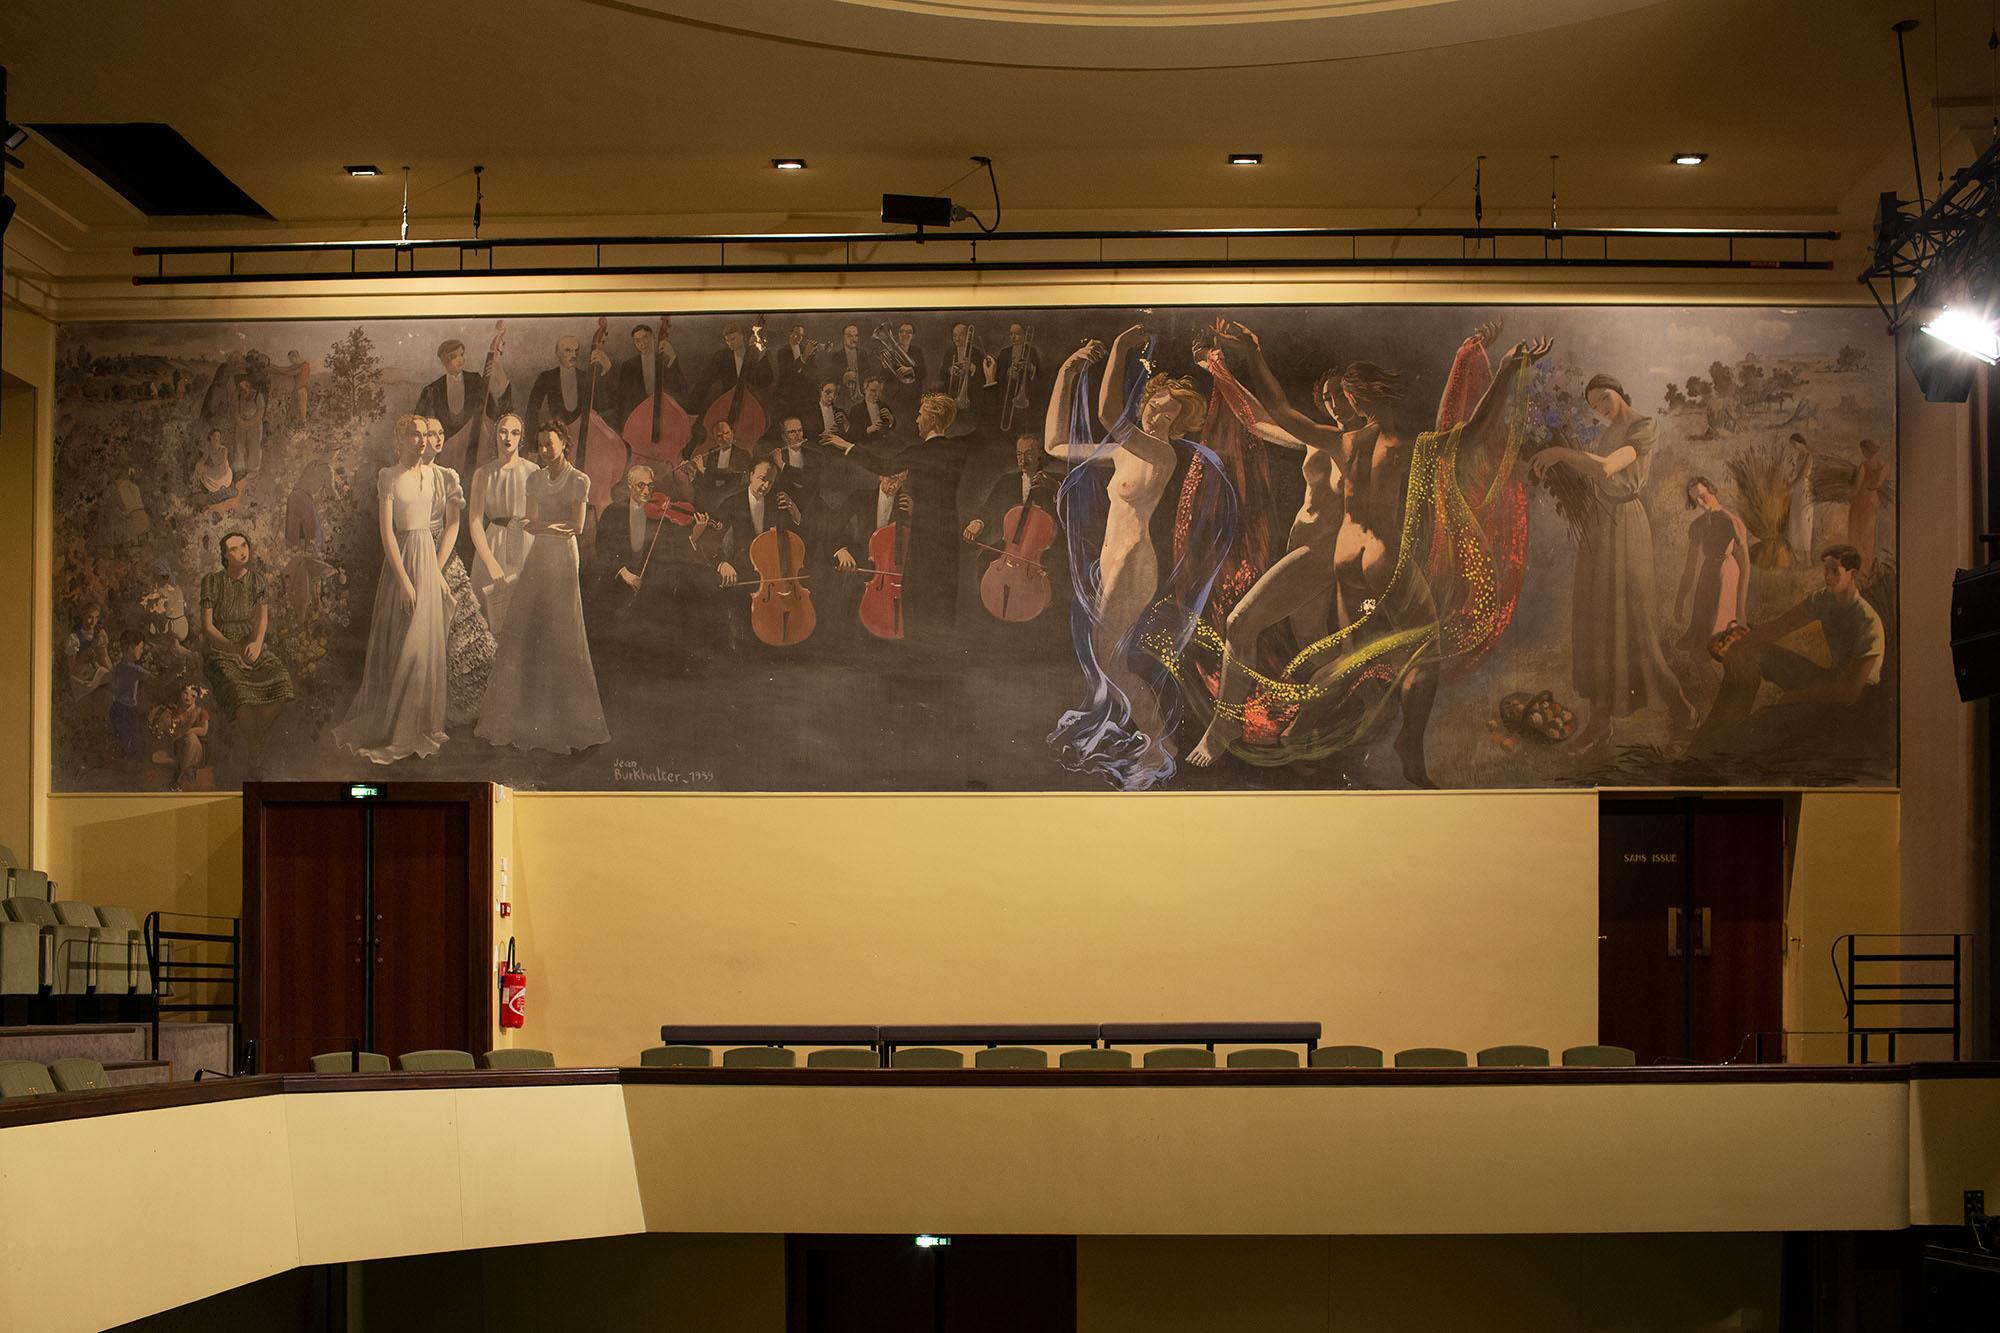 Fresque réalisée par J. Burkalter, toujours visible à l'heure actuelle.